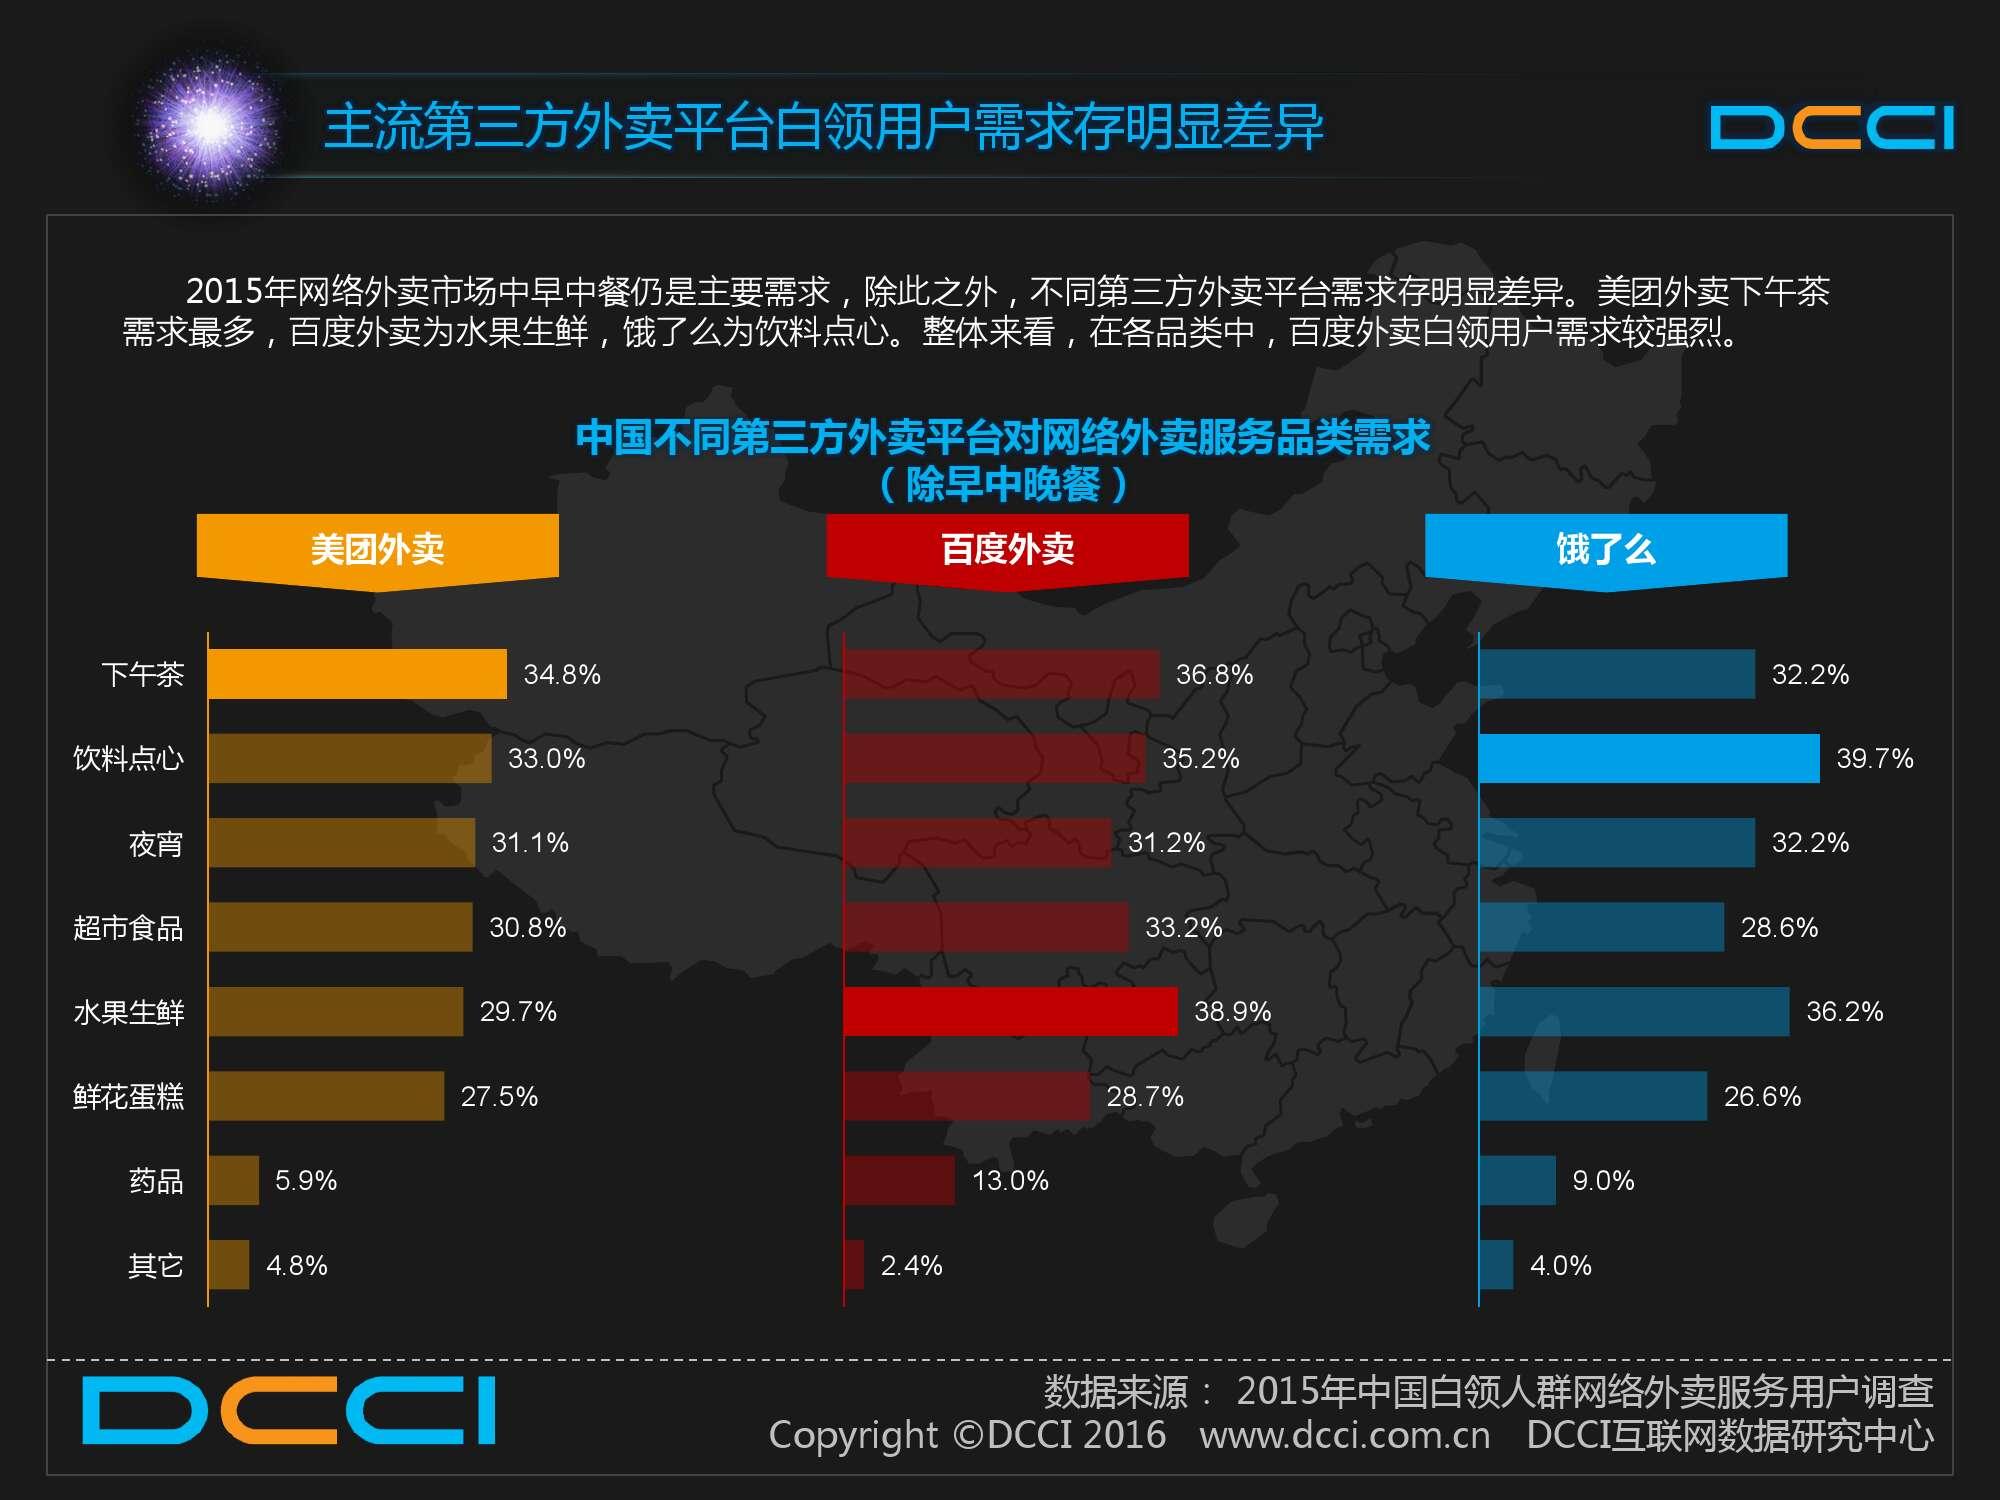 2015中国白领人群网络外卖服务研究报告_000024